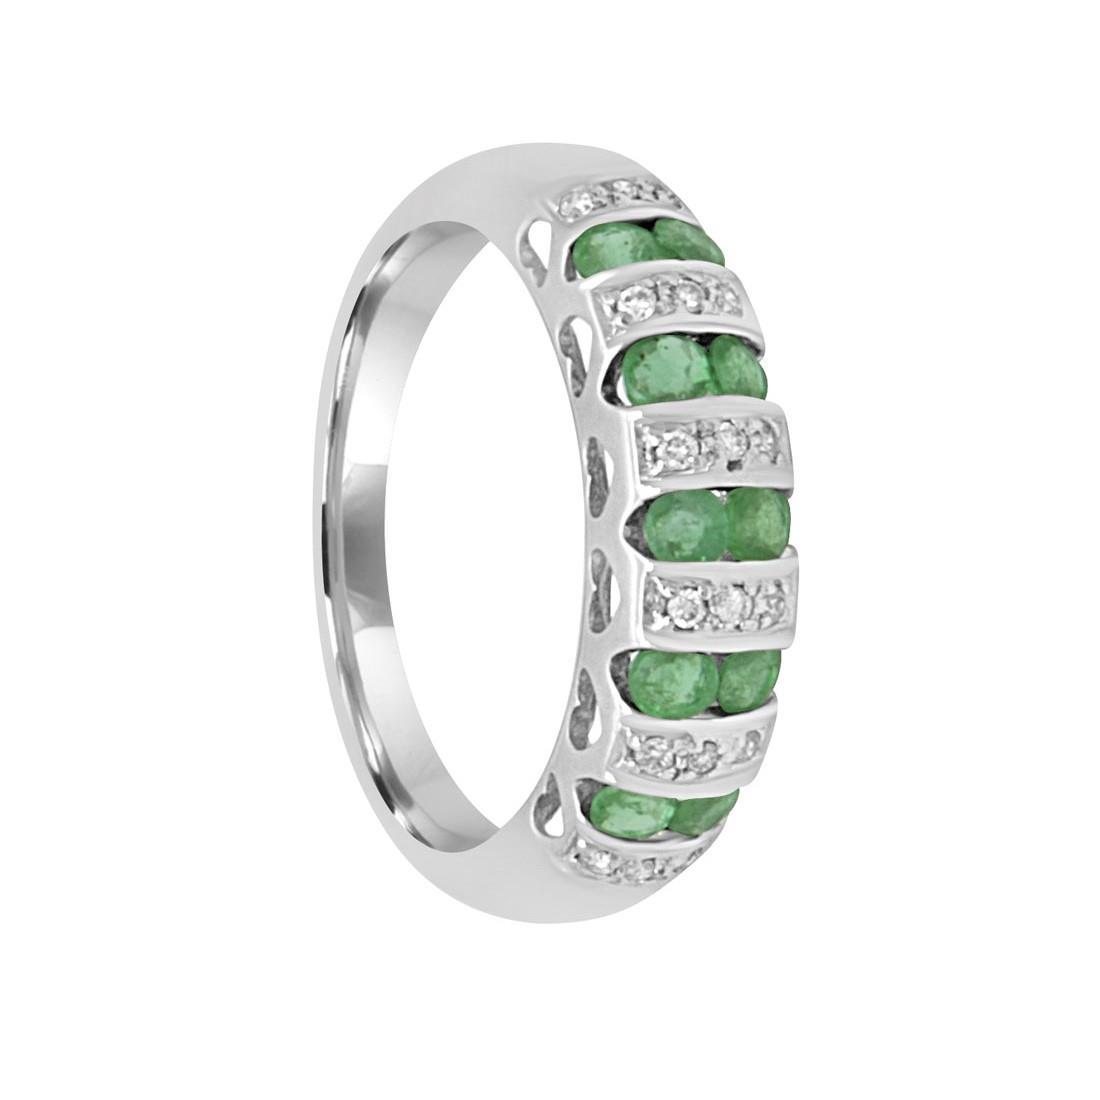 Anello veretta in oro bianco con diamanti ct 0.09 e smeraldi, misura 12 - BLISS